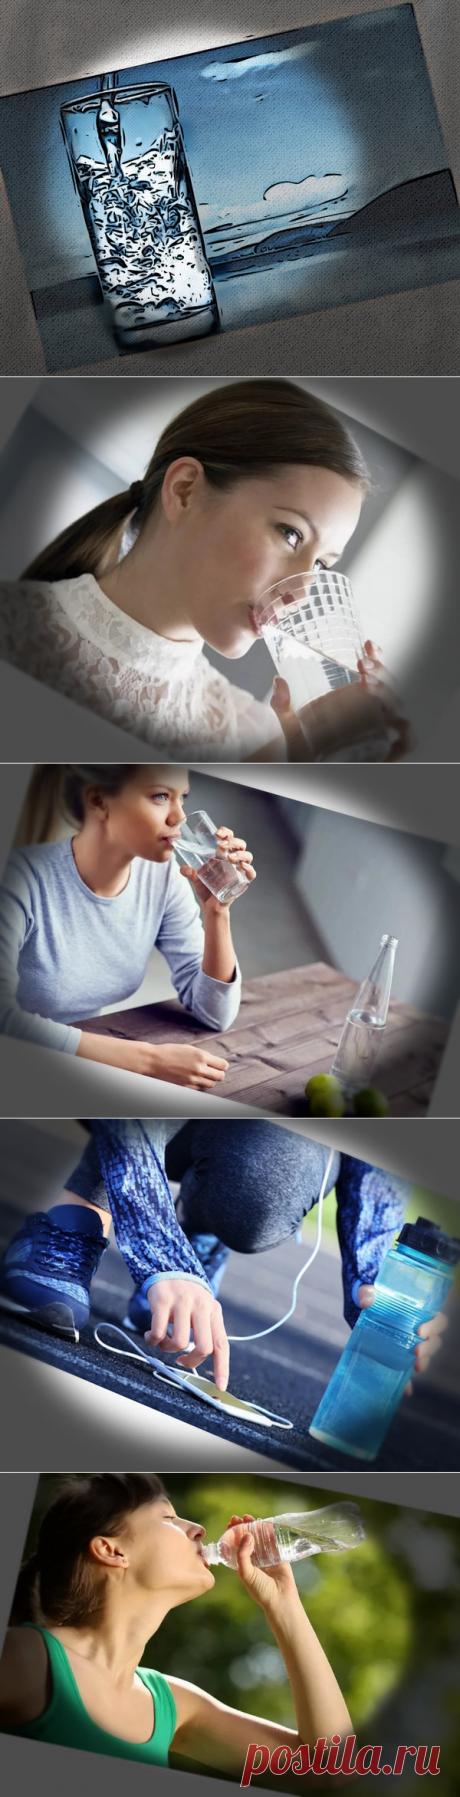 Мифы о питьевой воде | Полезные советы | Яндекс Дзен